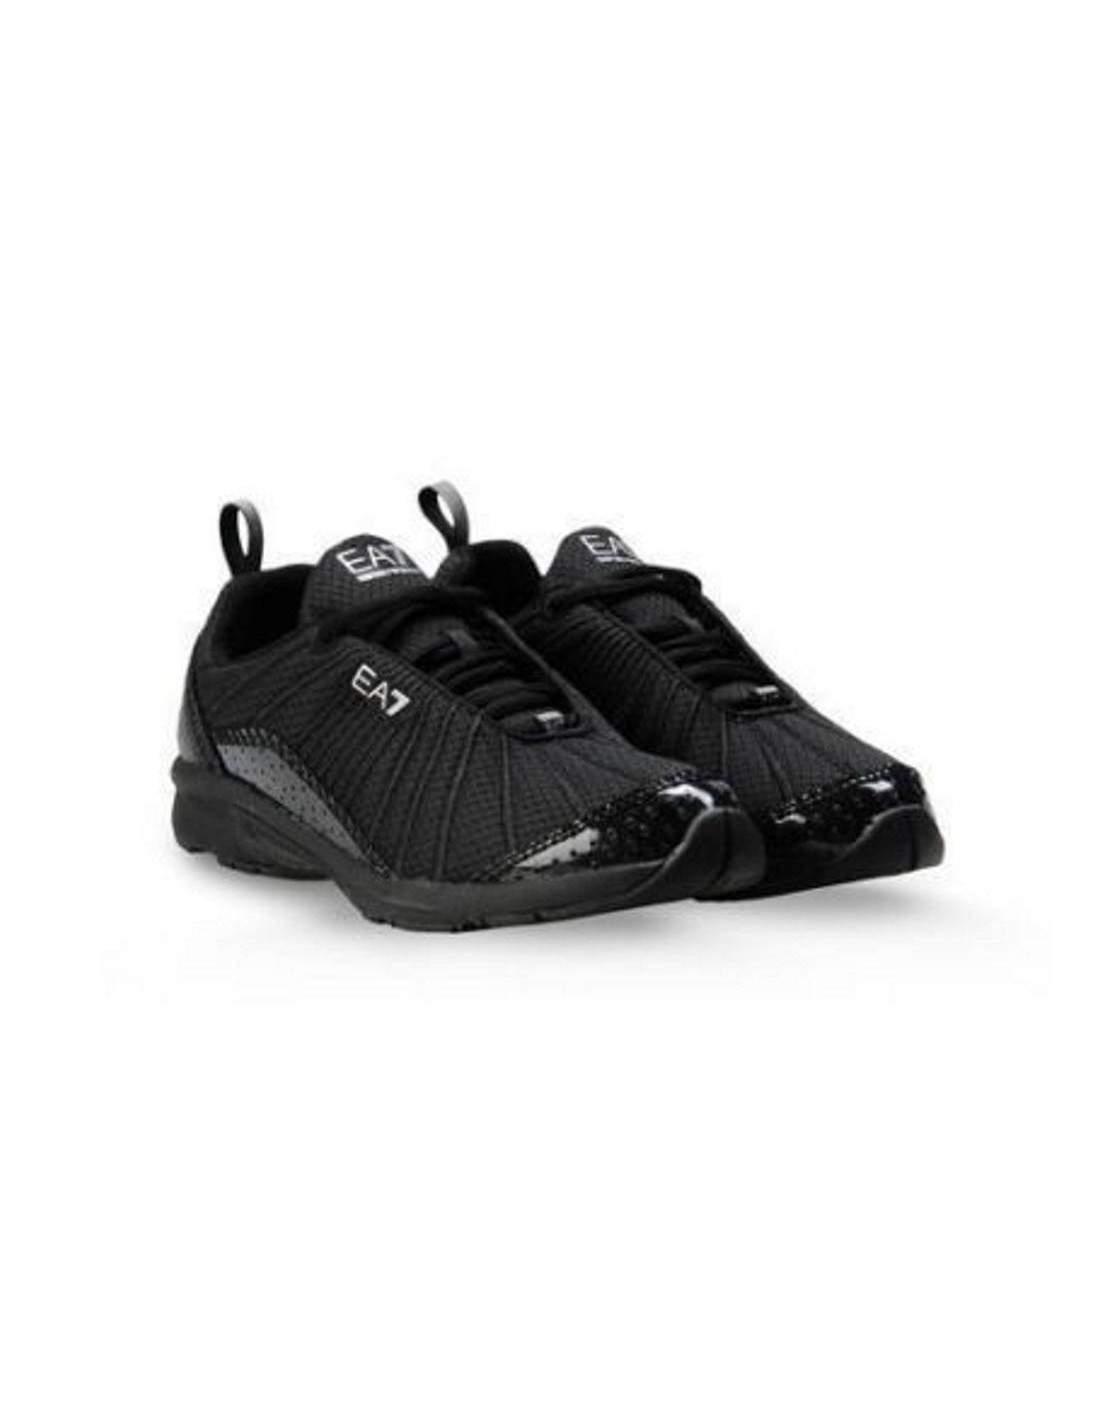 Armani Ma En Ea7 Et C Chaussures Emporio FemmeMode Cube Sport De WHIeDE2Y9